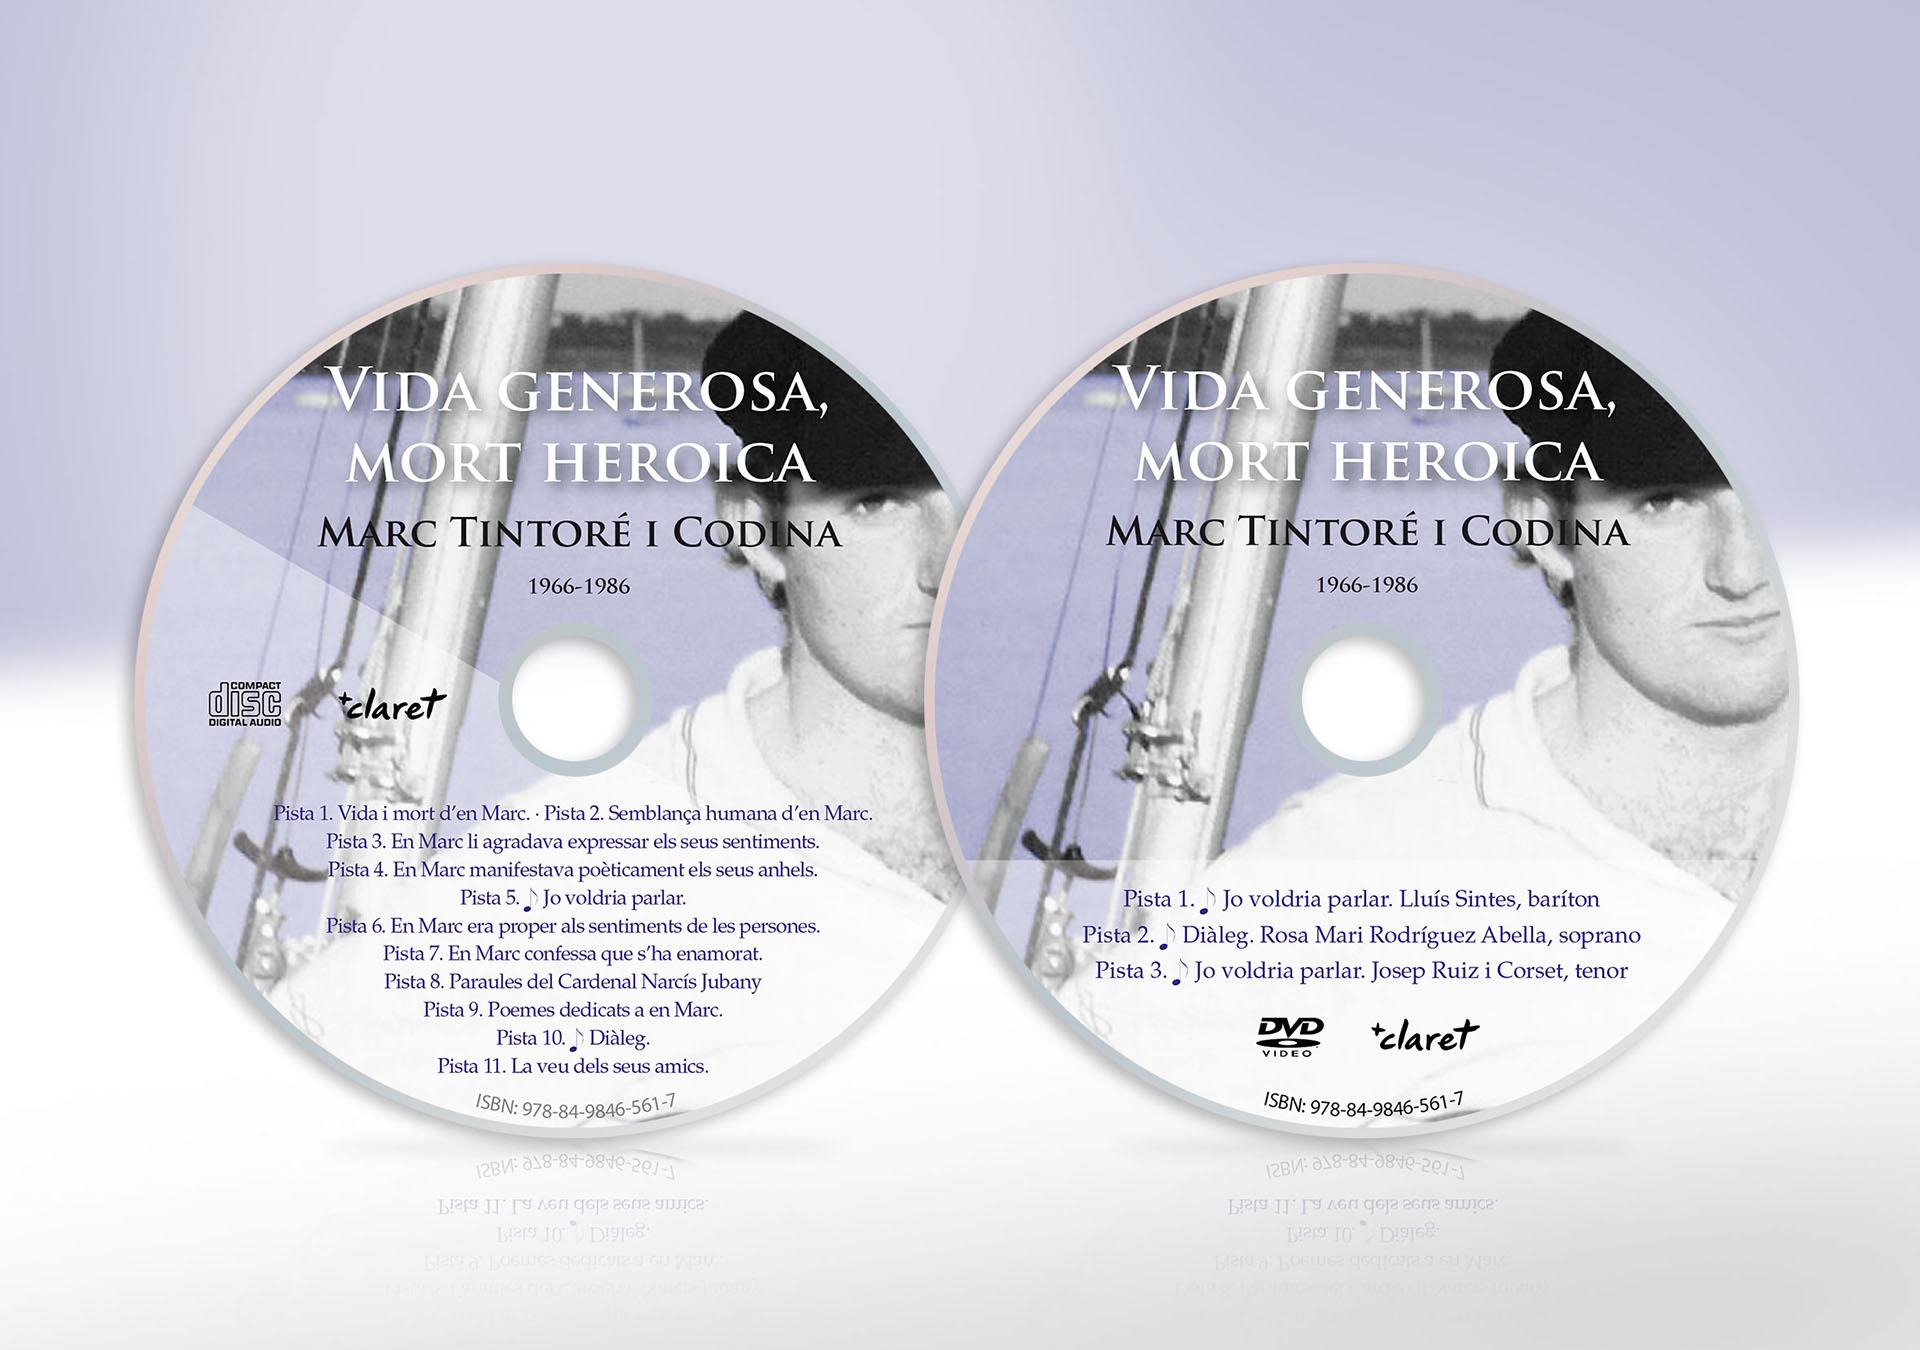 CD y DVD de Vida generosa, mort heroica